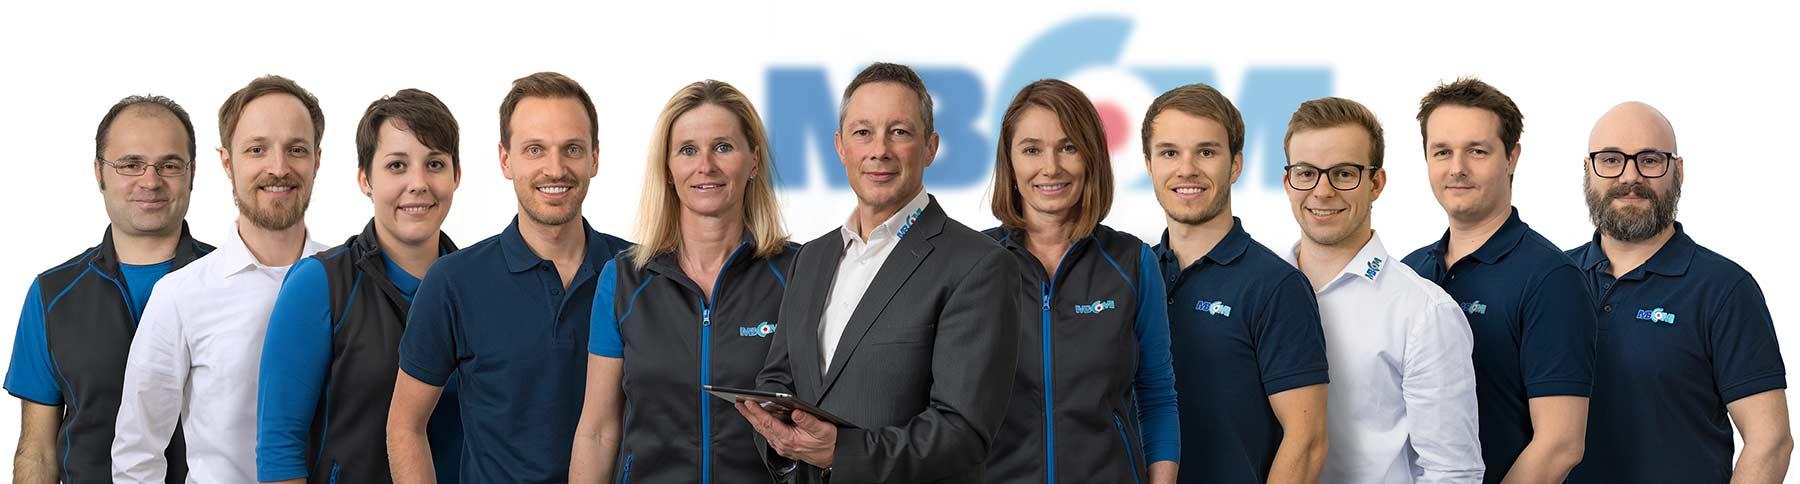 Businessfoto Gruppenbild Mitarbeiter MBCOM IT-Systemhaus